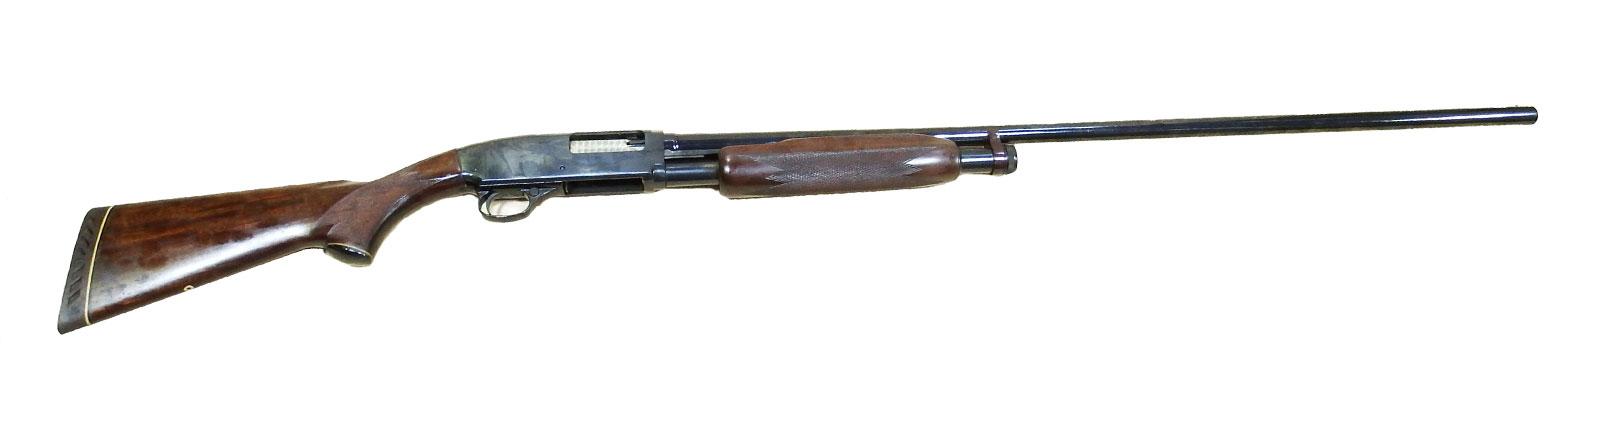 new_gun_5-1